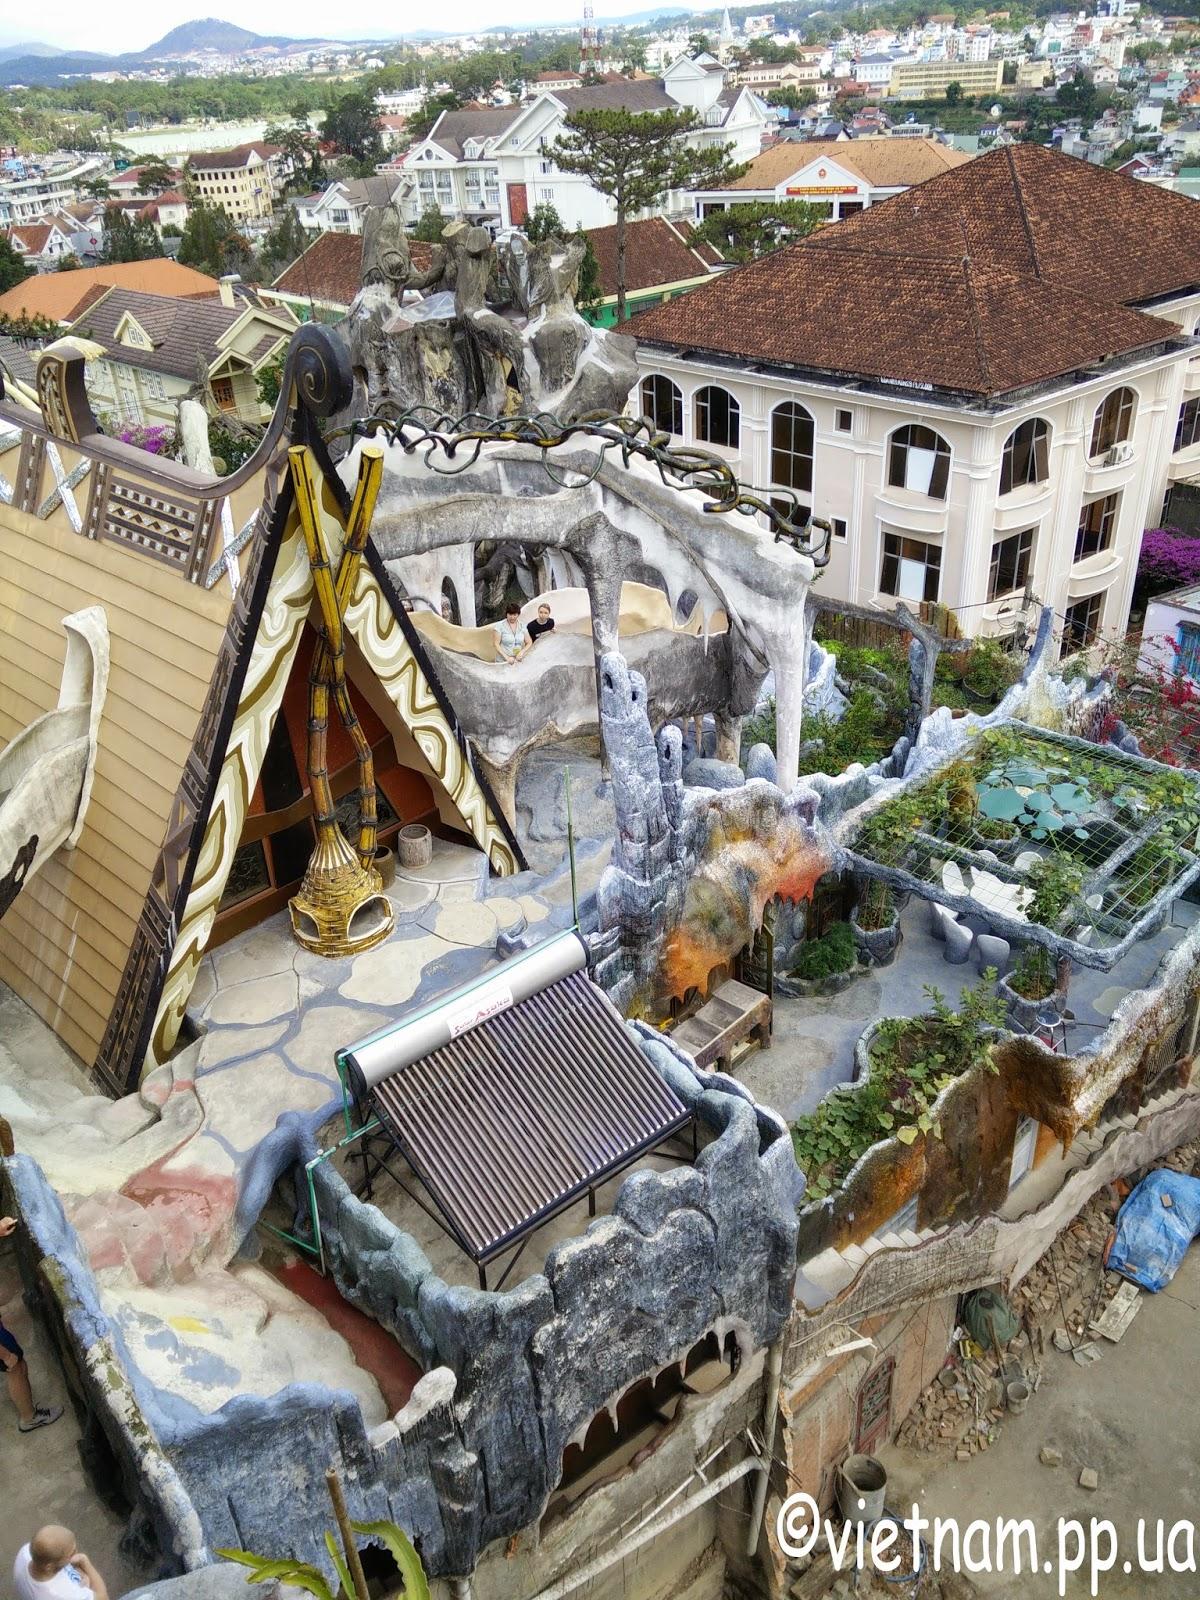 Гостиница сумасшедший дом Далат Вьетнам